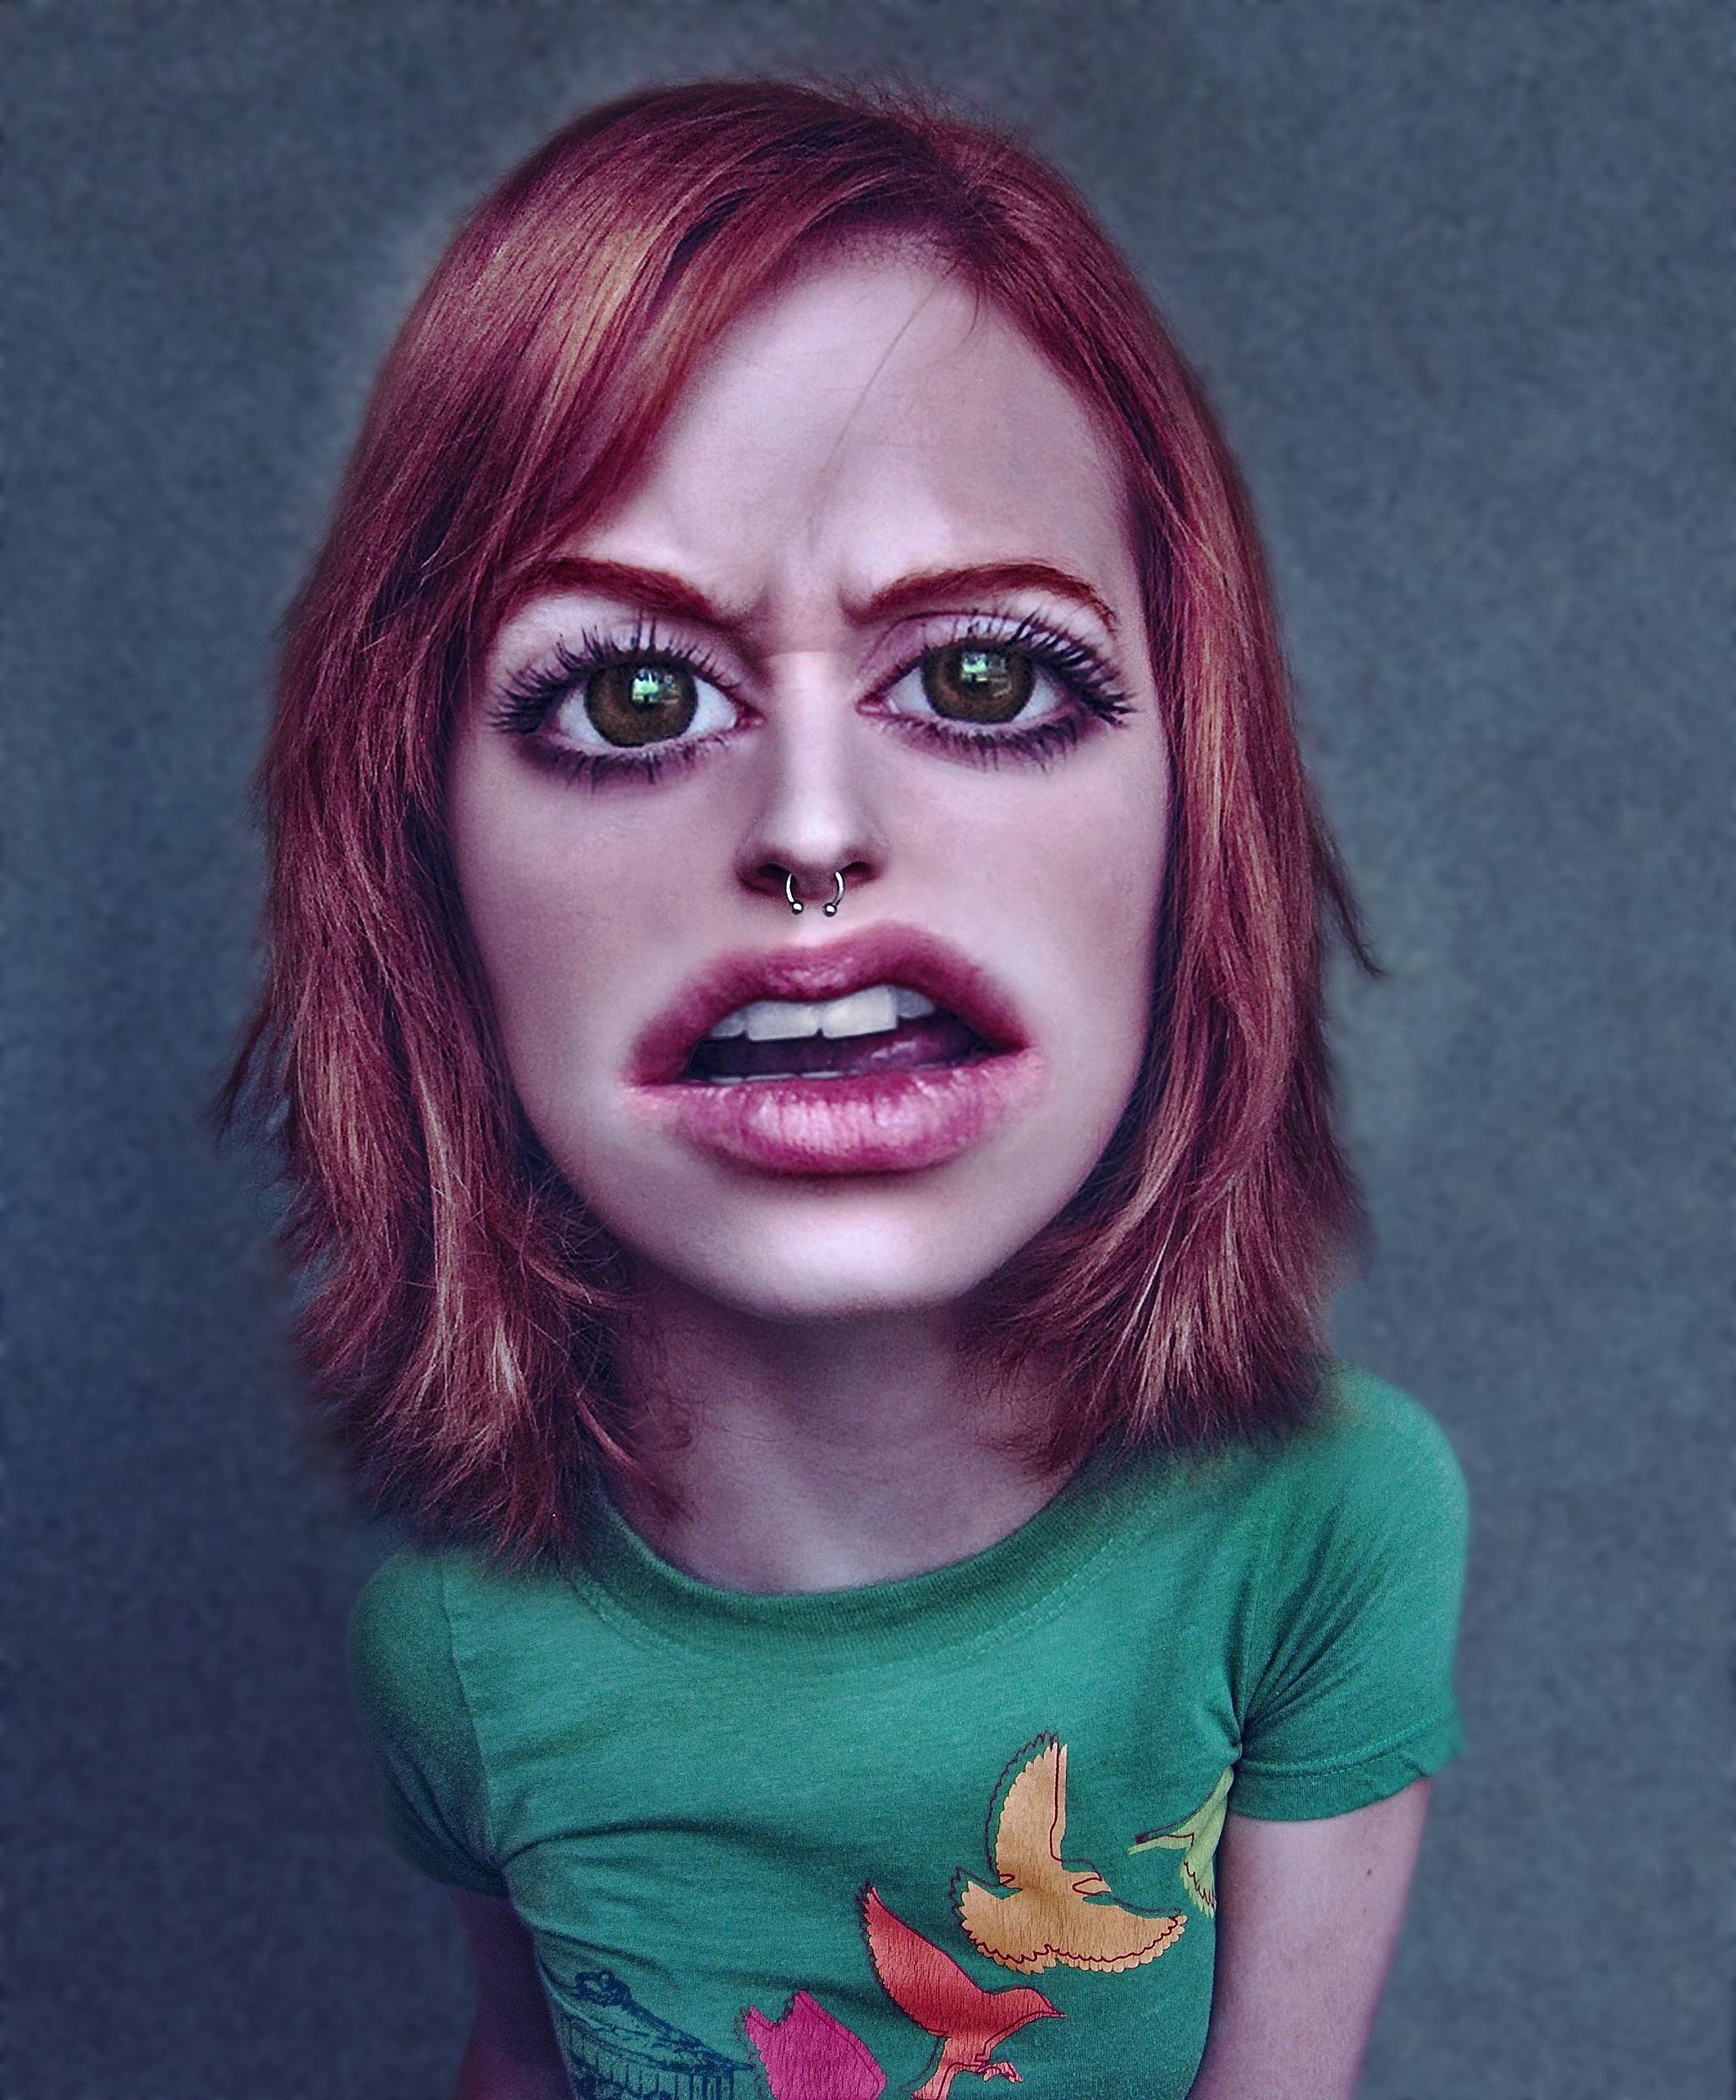 Gambar Gadis Wanita Model Warna Biru Berwarna Merah Muda